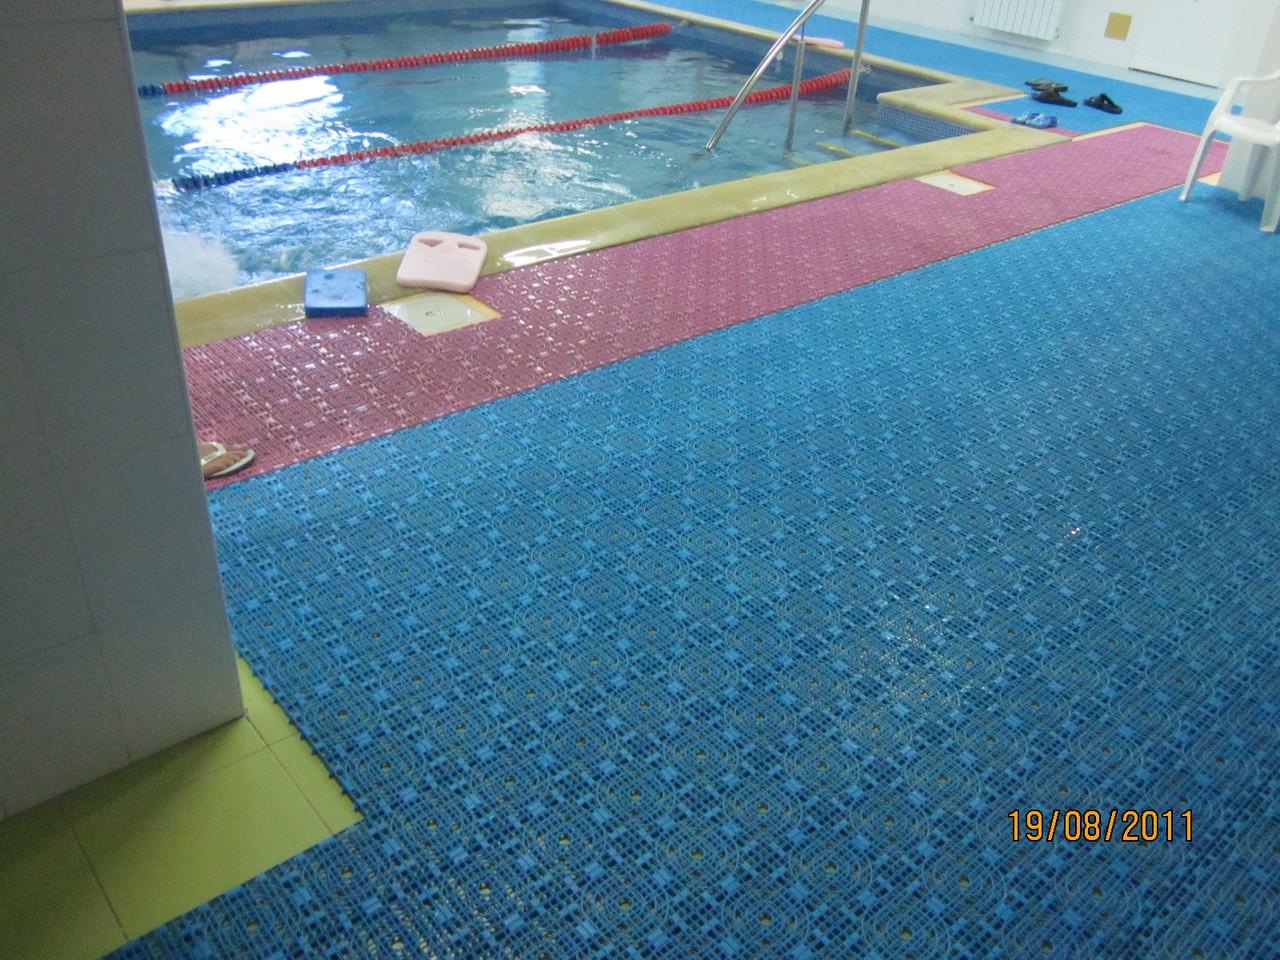 Модульное антискользящее покрытие для бассейнов, аквапарков и саун от производителя 3